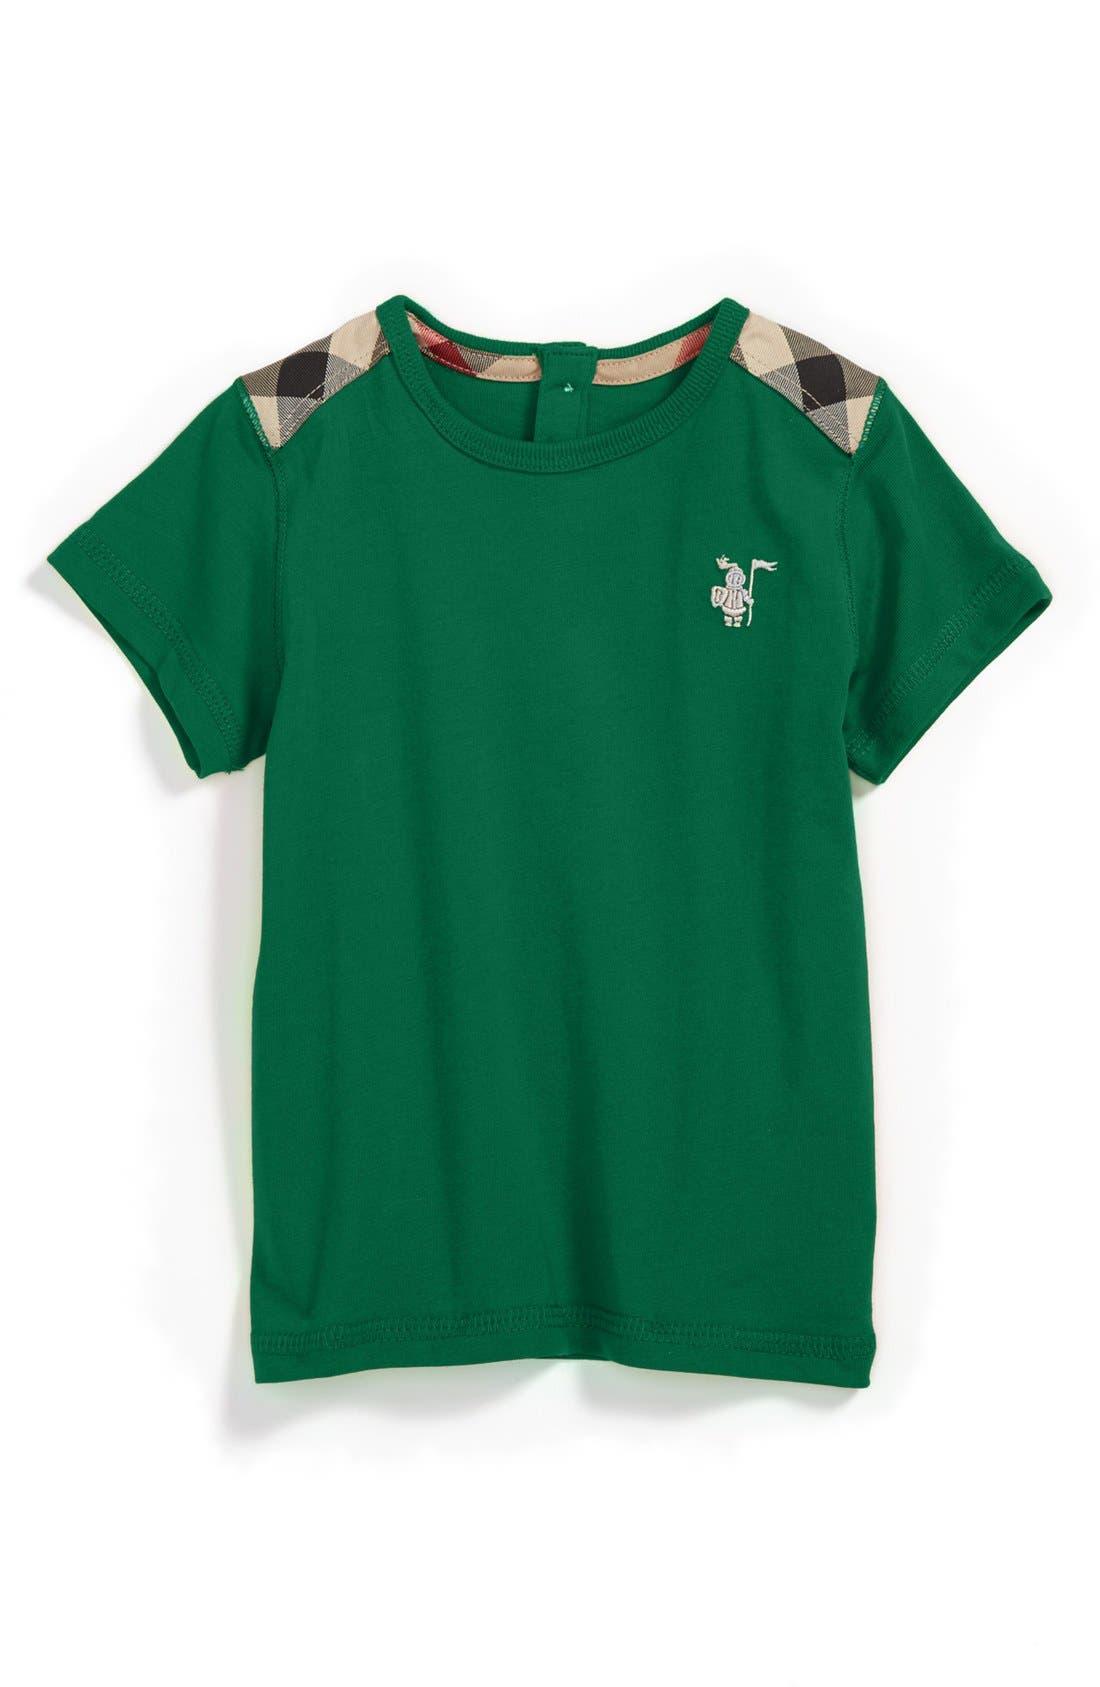 Main Image - Burberry 'Lencel' T-Shirt (Toddler Boys)